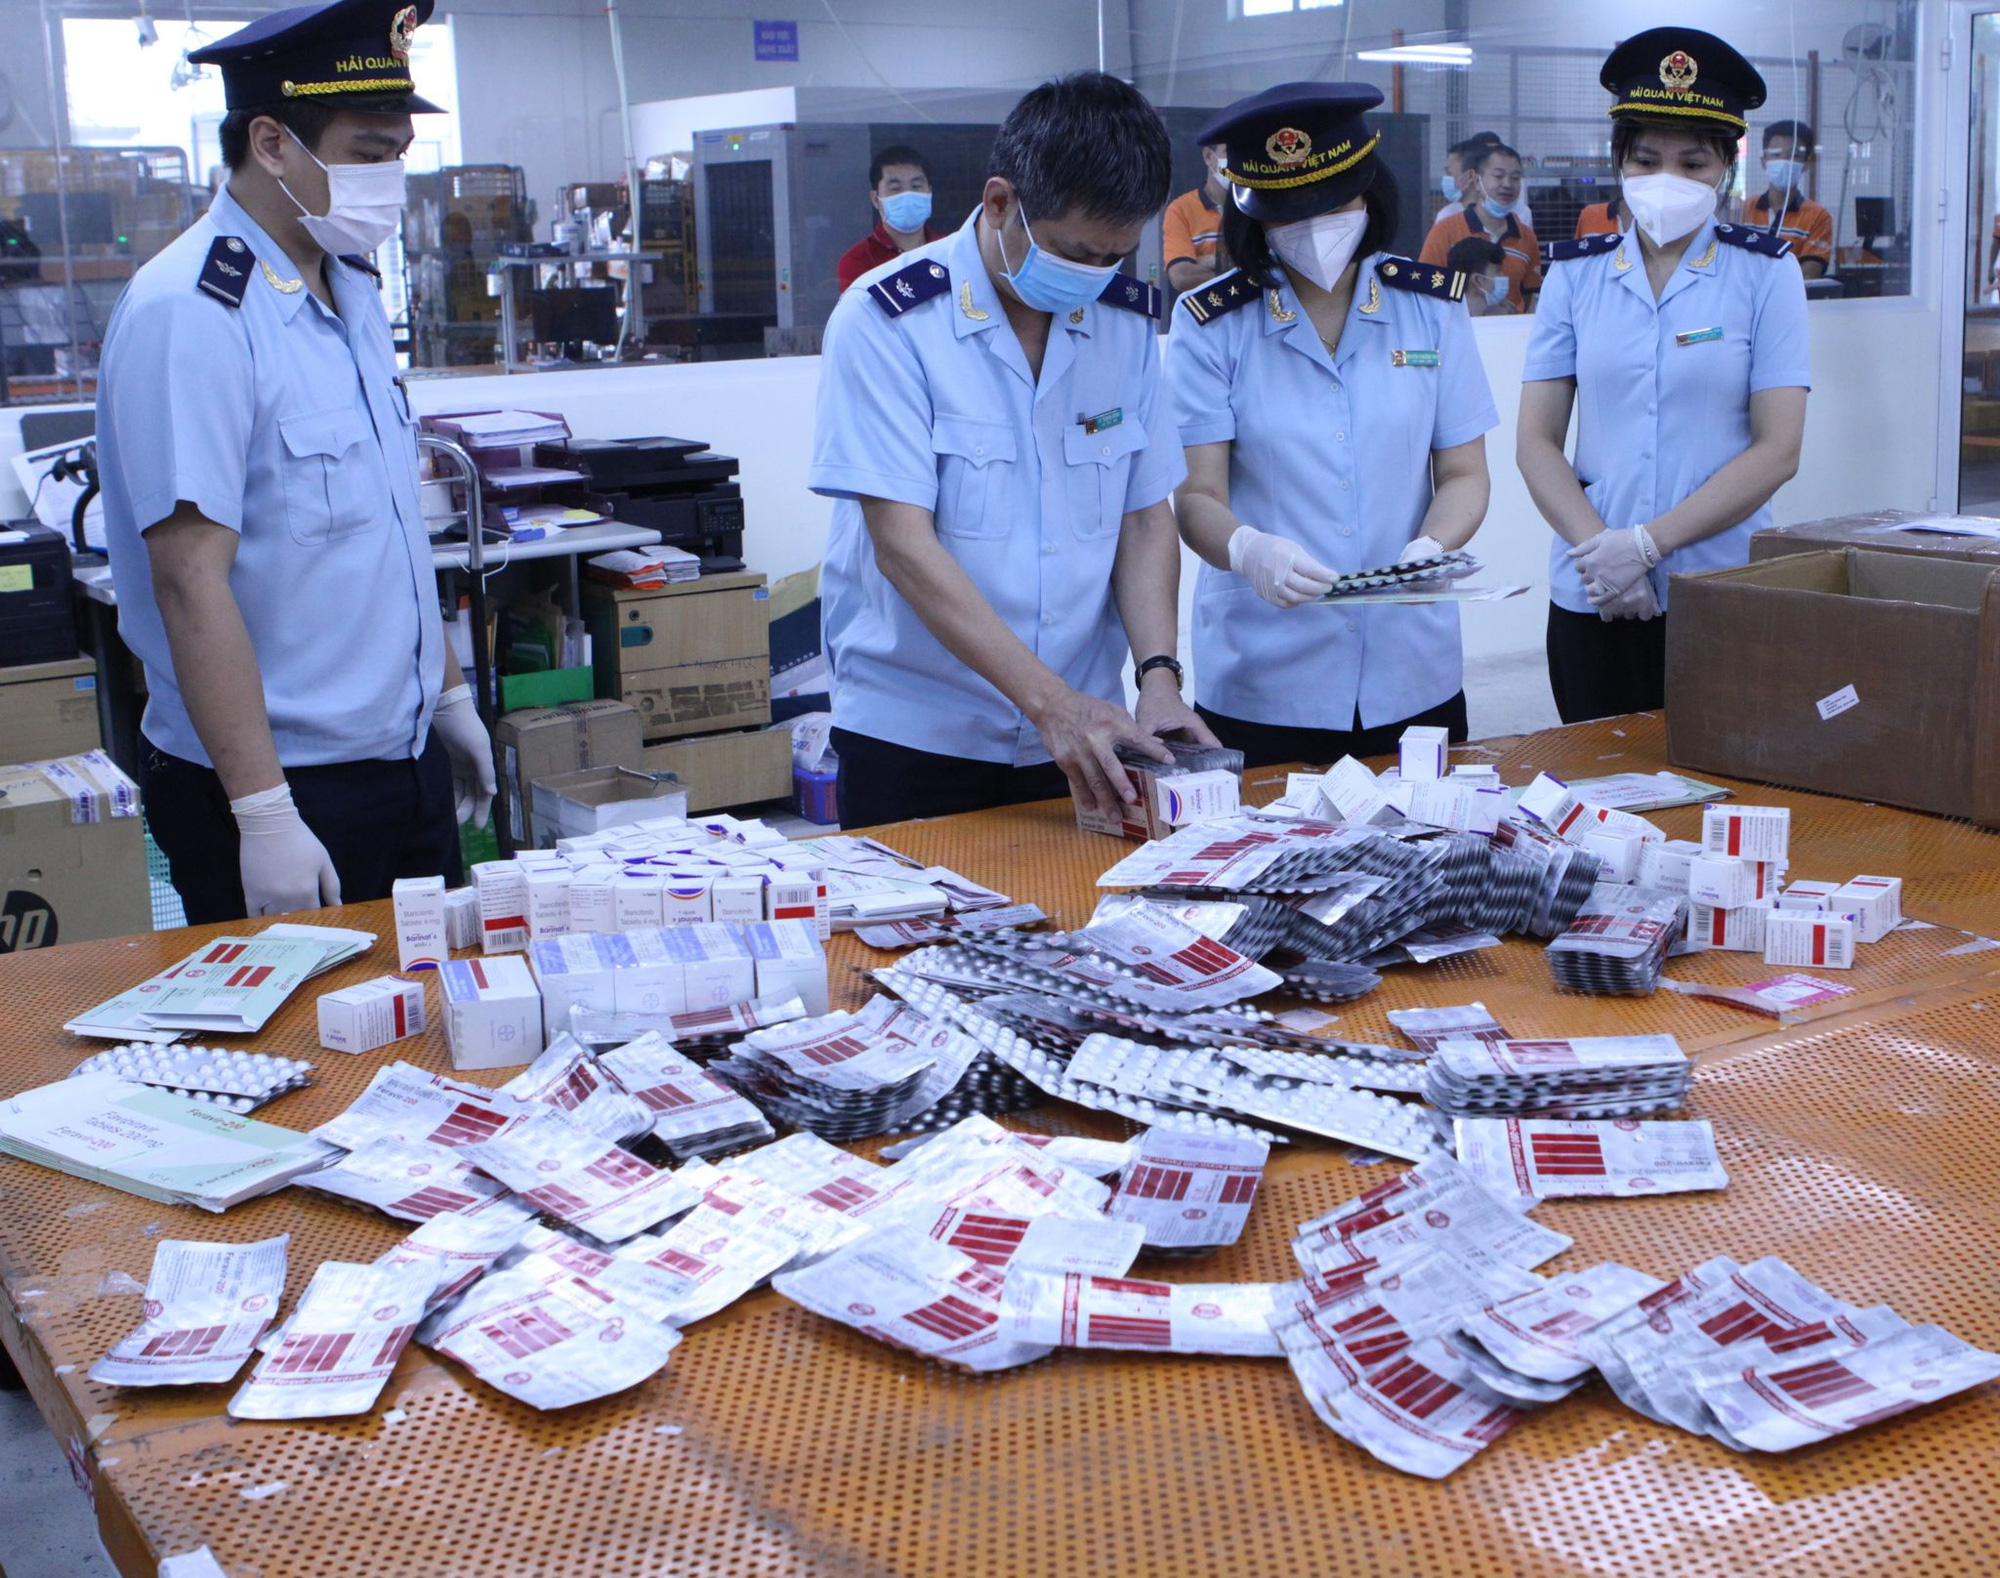 Nóng: Bắt giữ hơn 60.000 viên thuốc điều trị Covid-19 nhập từ Ấn Độ về sân bay Nội Bài - Ảnh 1.